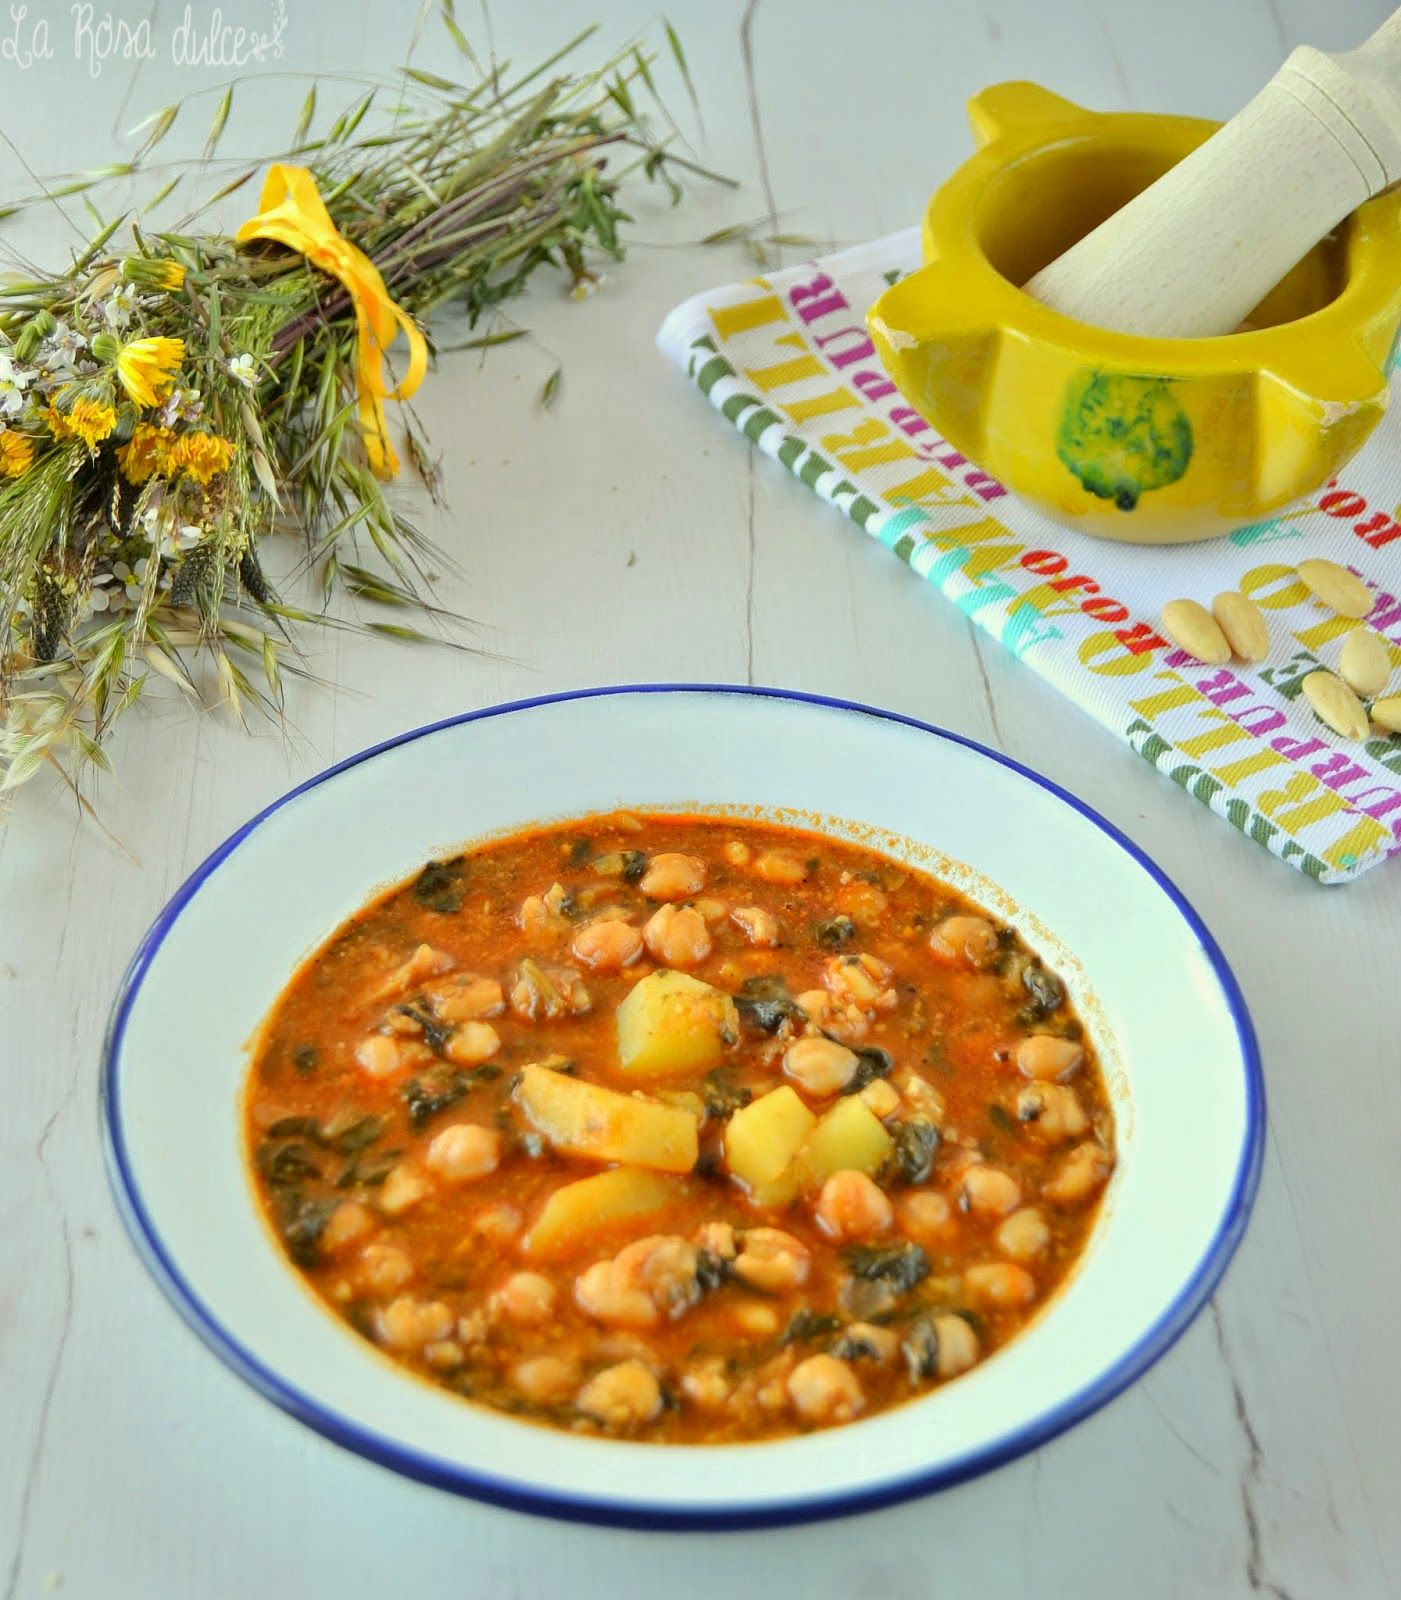 Recetas Por 5 Euros C Cocina | 14 Recetas Por Menos De 5 Euros Para Afrontar La Cuesta De Enero